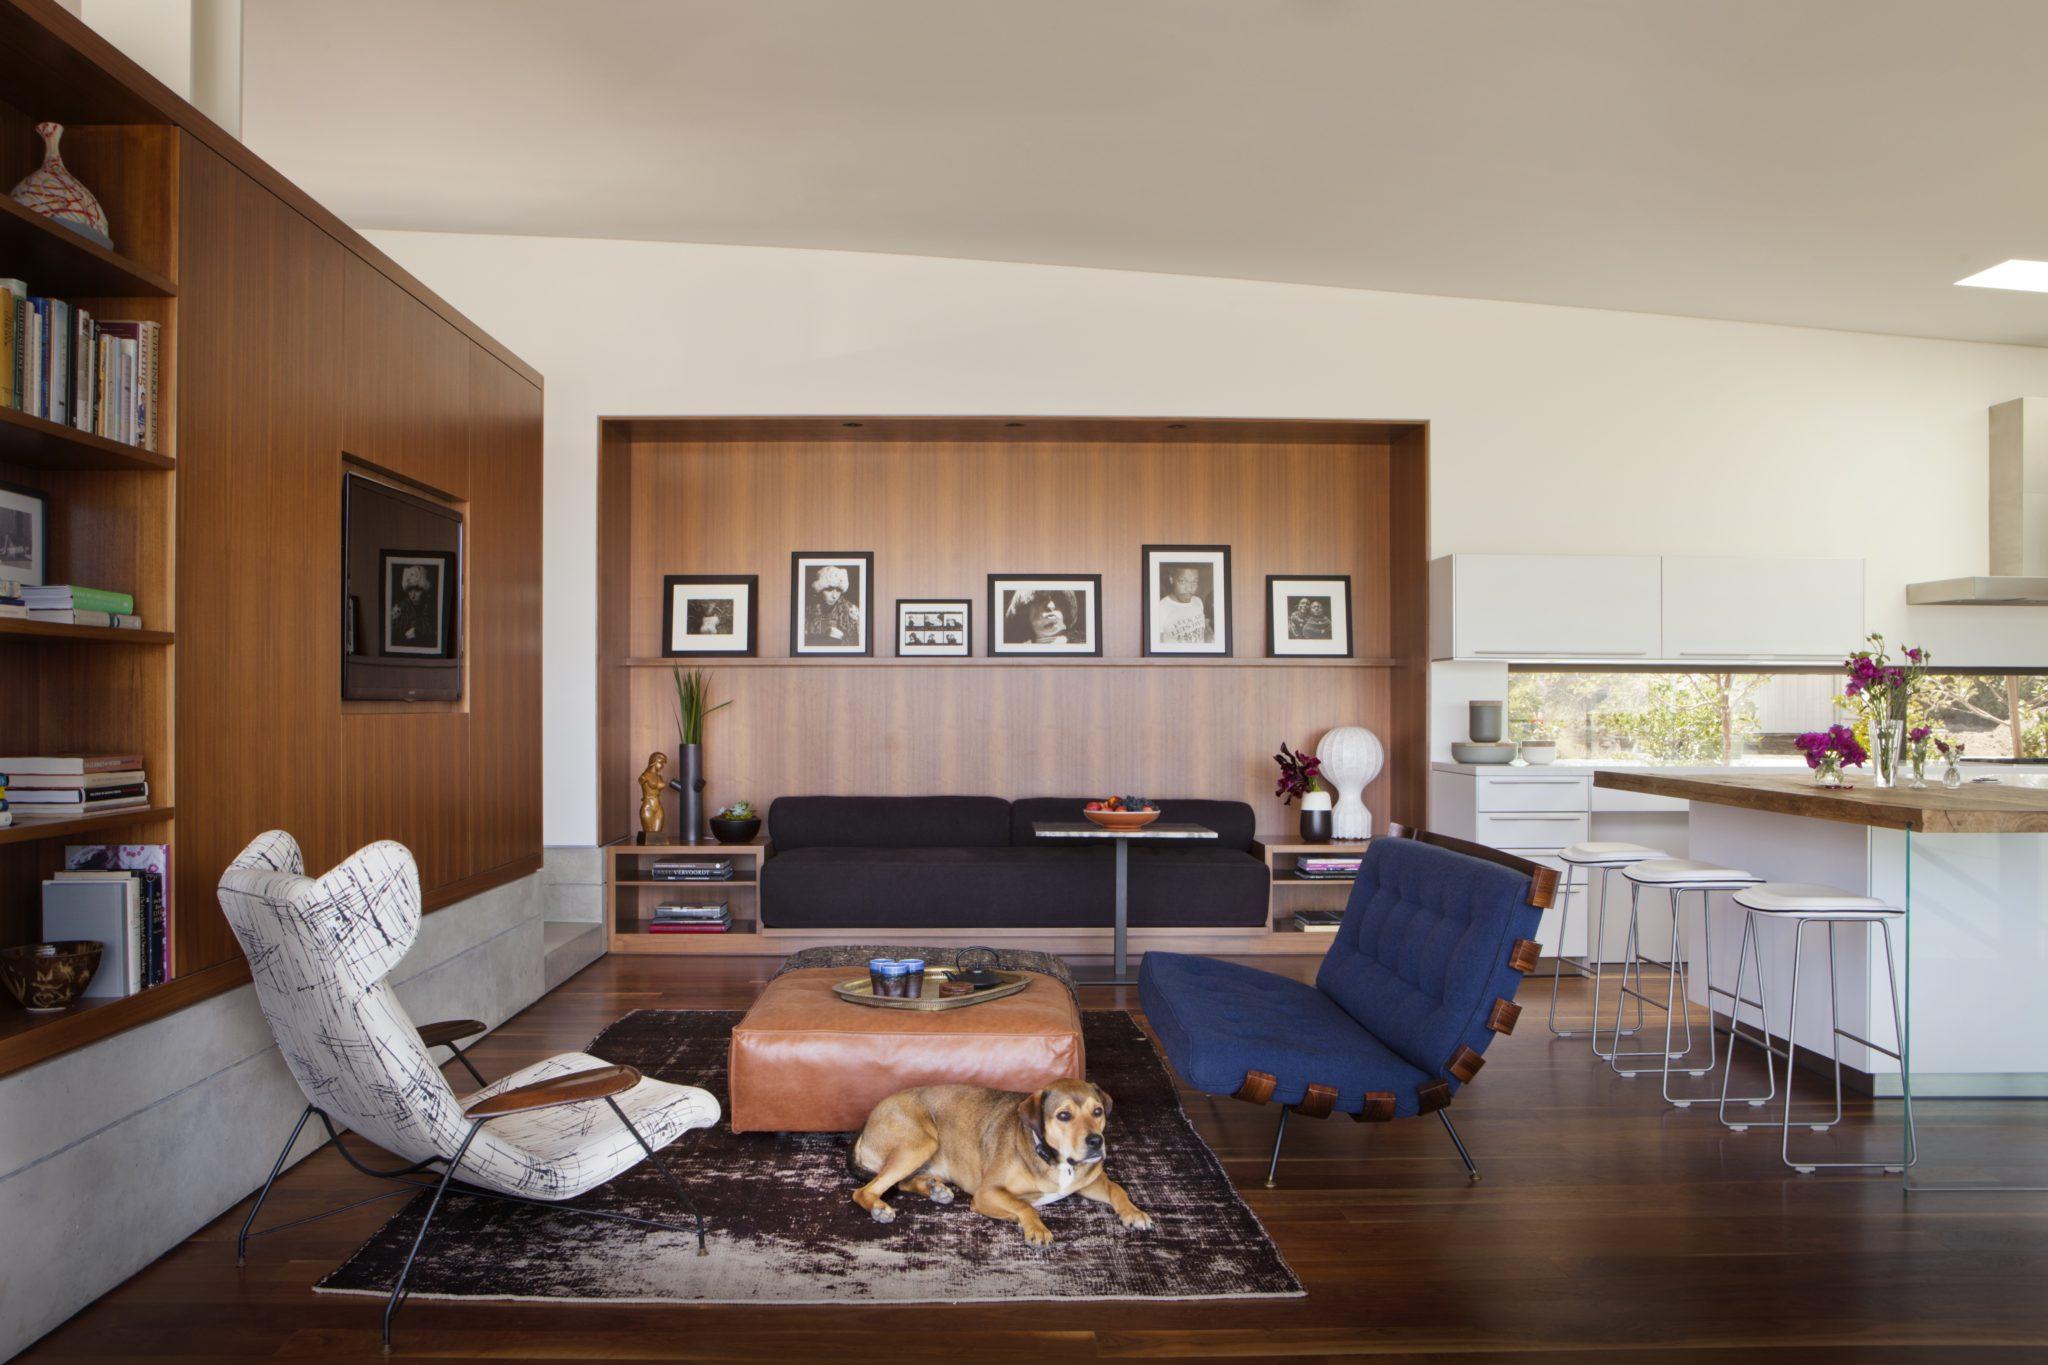 Cùng chiêm ngưỡng vẻ đẹp khó cưỡng của những căn phòng khách mang phong cách đương đại - Ảnh 15.